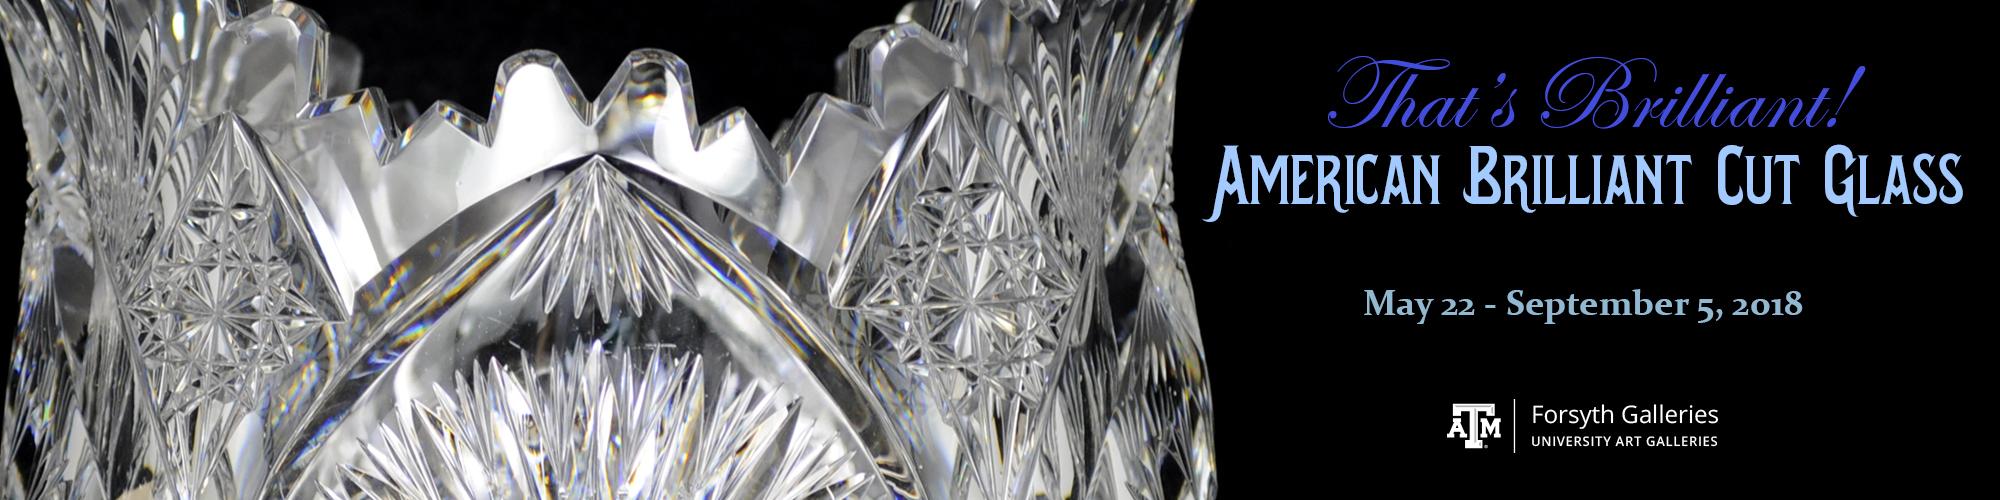 That's Brilliant! American Brilliant Cut Glass